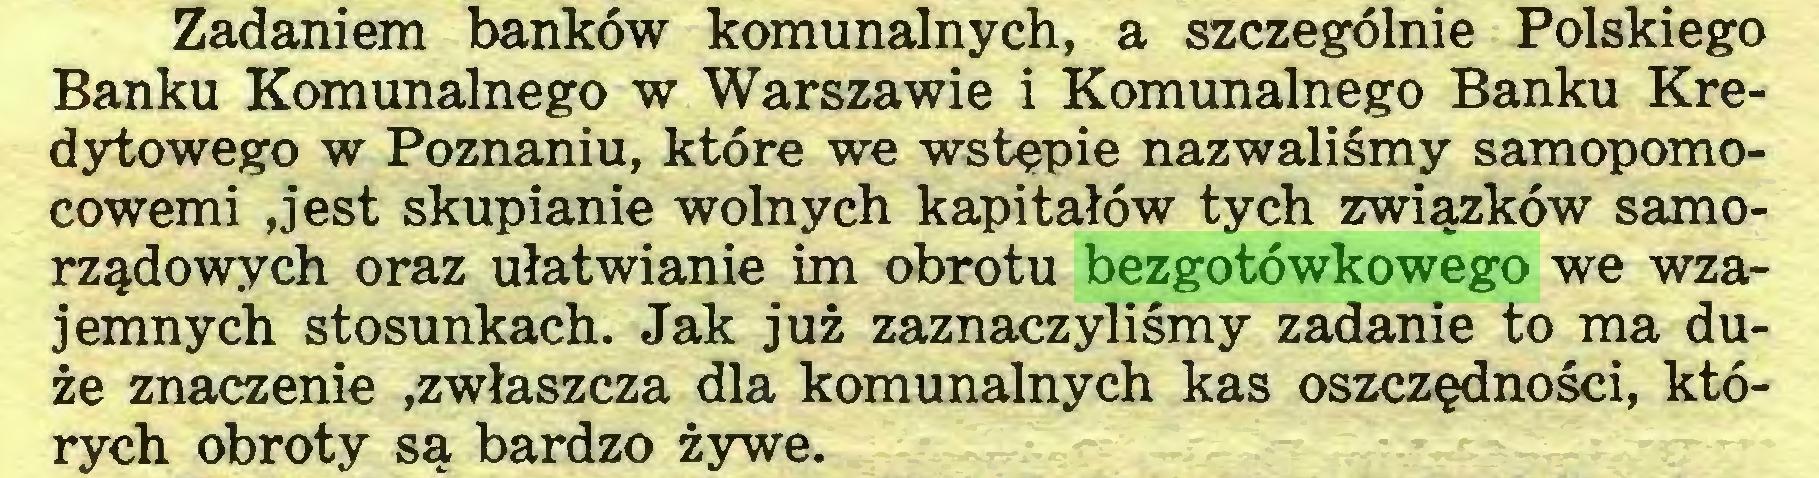 (...) Zadaniem banków komunalnych, a szczególnie Polskiego Banku Komunalnego w Warszawie i Komunalnego Banku Kredytowego w Poznaniu, które we wstępie nazwaliśmy samopomocowemi ,jest skupianie wolnych kapitałów tych związków samorządowych oraz ułatwianie im obrotu bezgotówkowego we wzajemnych stosunkach. Jak już zaznaczyliśmy zadanie to ma duże znaczenie .zwłaszcza dla komunalnych kas oszczędności, których obroty są bardzo żywe...